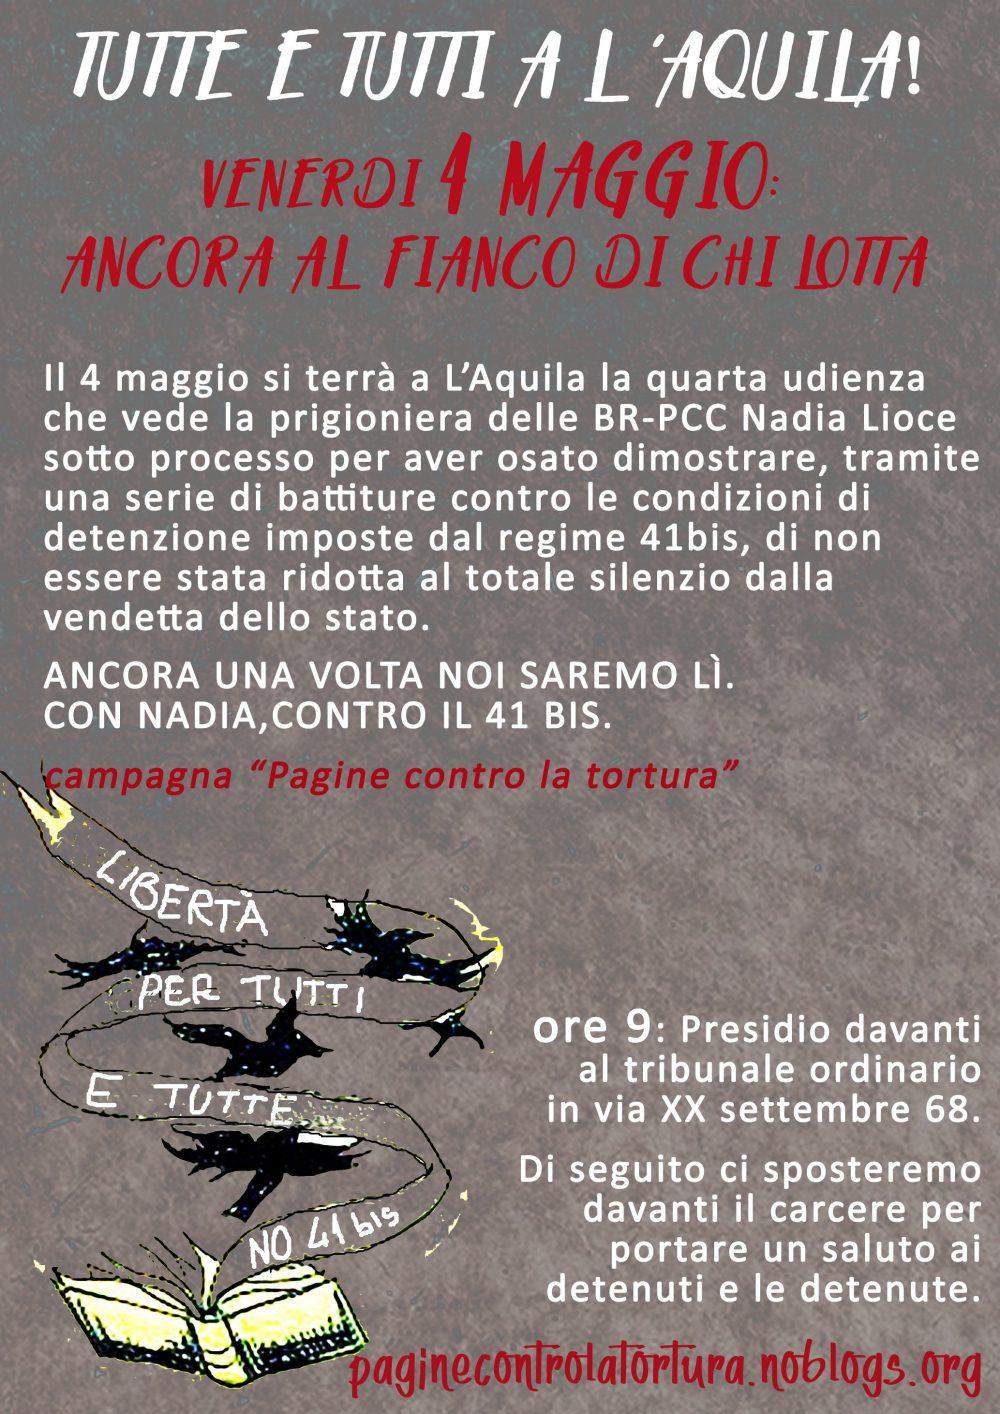 L'Aquila 4 maggio 2018, ancora al fianco di chi lotta. Presidio solidale al tribunale e al carcere